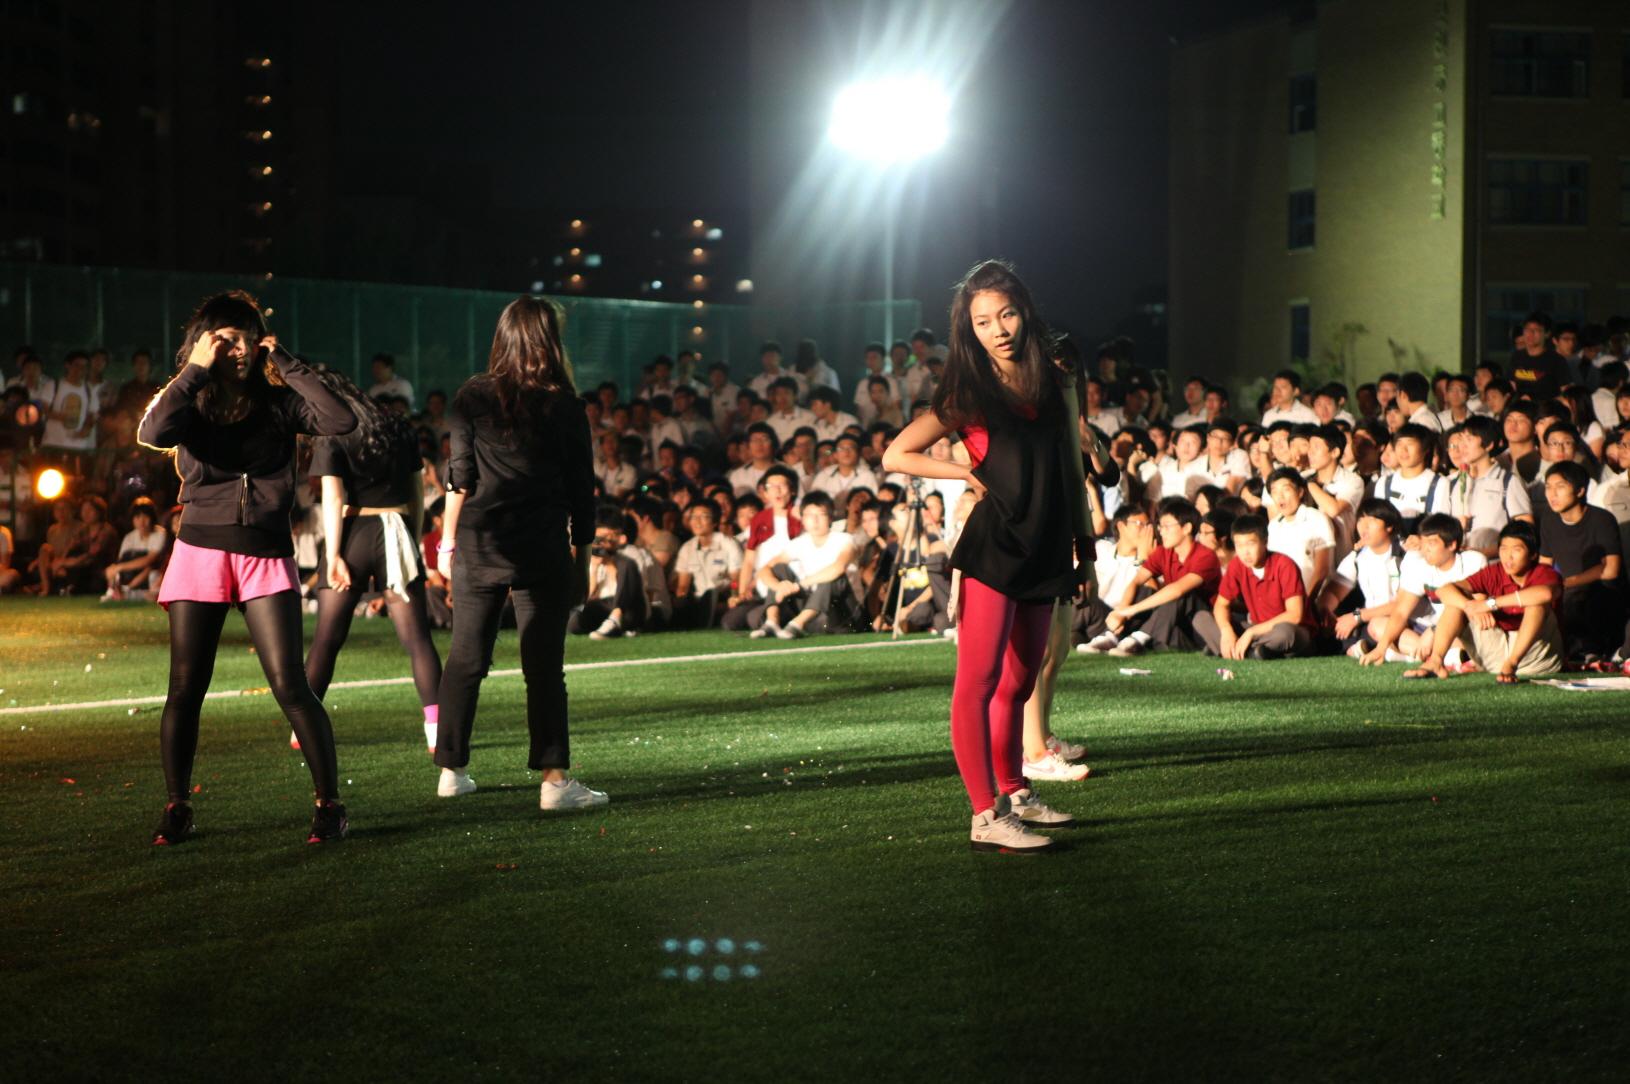 2009 보인 천년예술제 - 공연(송파댄스연합... 첨부이미지